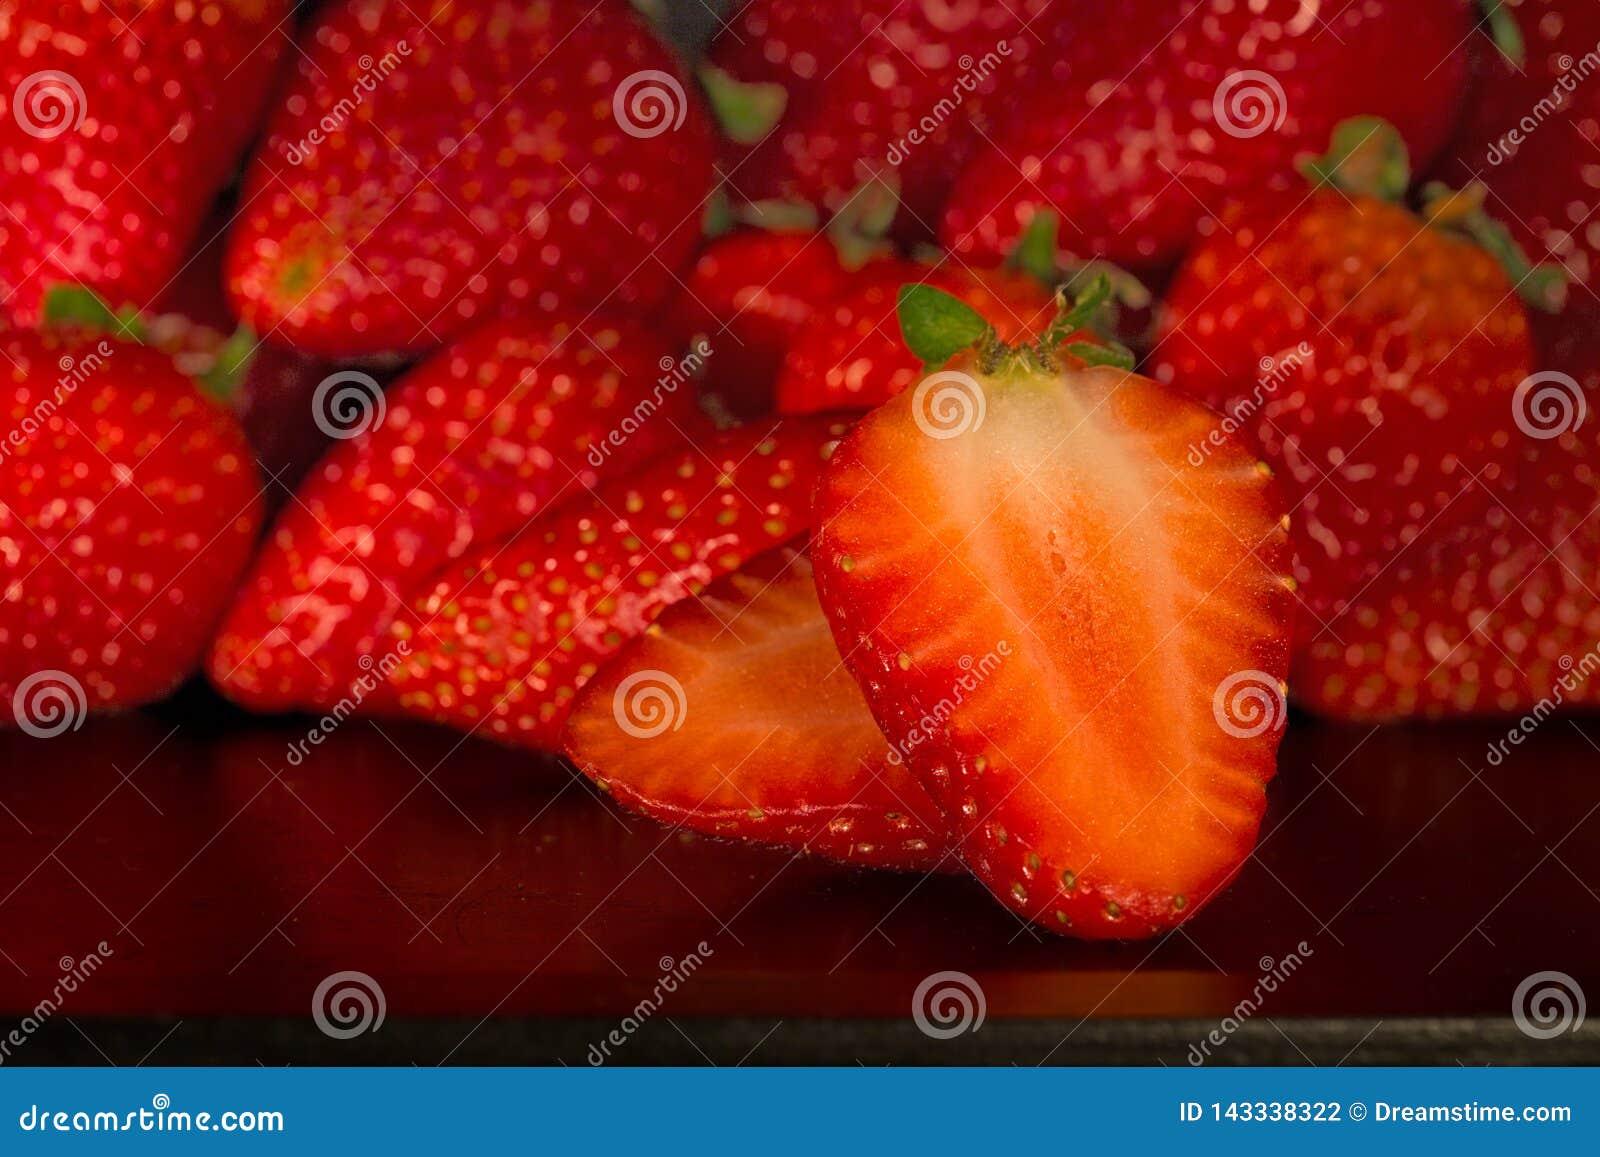 Viele strawbarries auf schwarzem Behälter